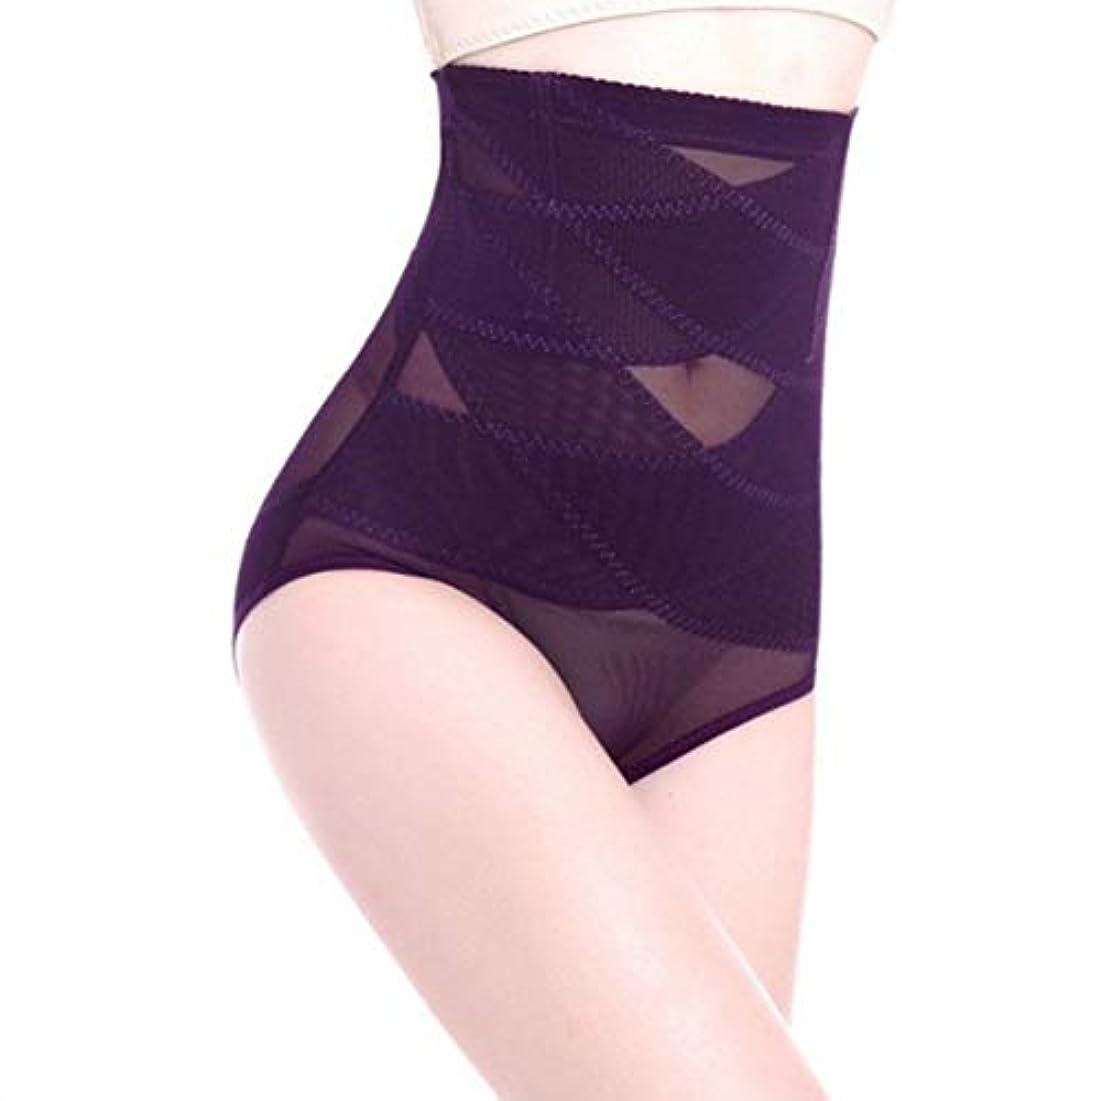 完璧な団結ブルジョン通気性のあるハイウエスト女性痩身腹部コントロール下着シームレスおなかコントロールパンティーバットリフターボディシェイパー - パープル3 XL